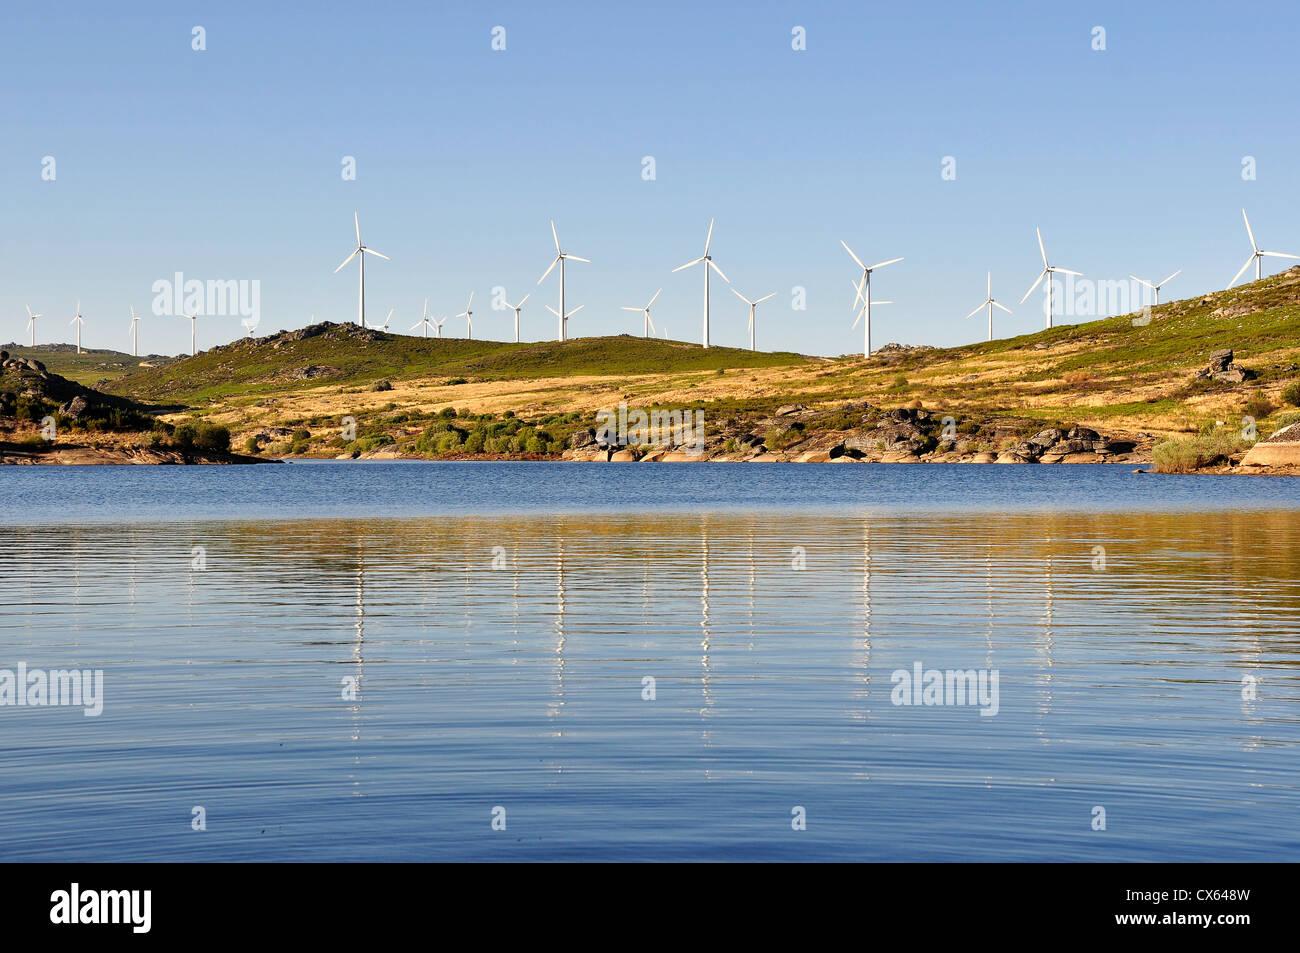 Molino de viento, con varias turbinas eólicas, cerca de un río, produciendo energía verde. Imagen De Stock